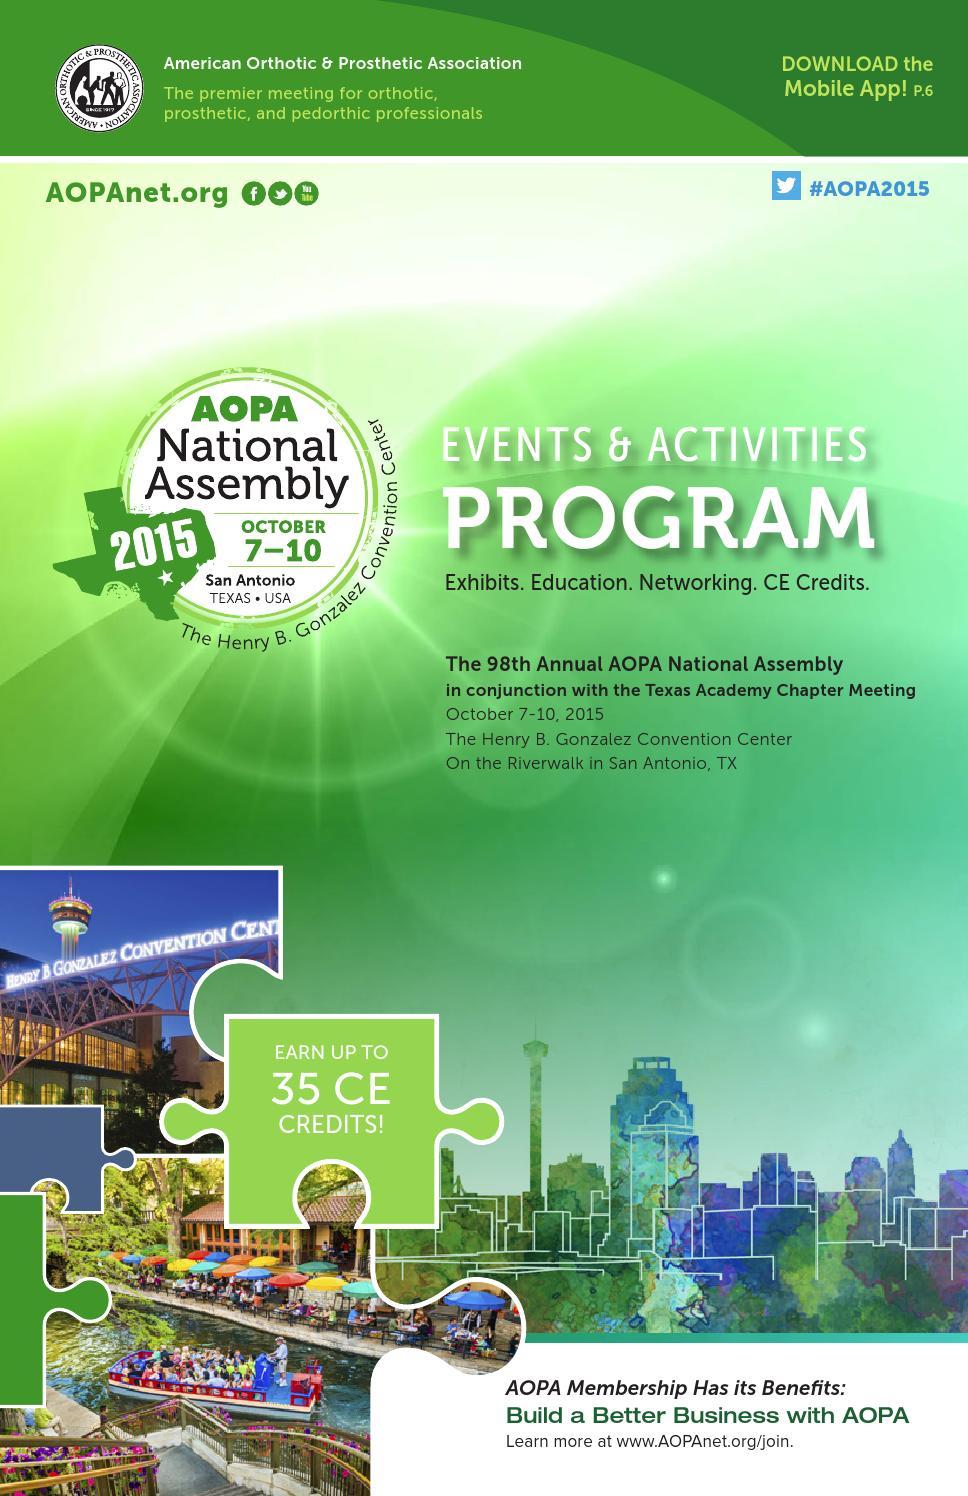 2015 AOPA National Assembly Program